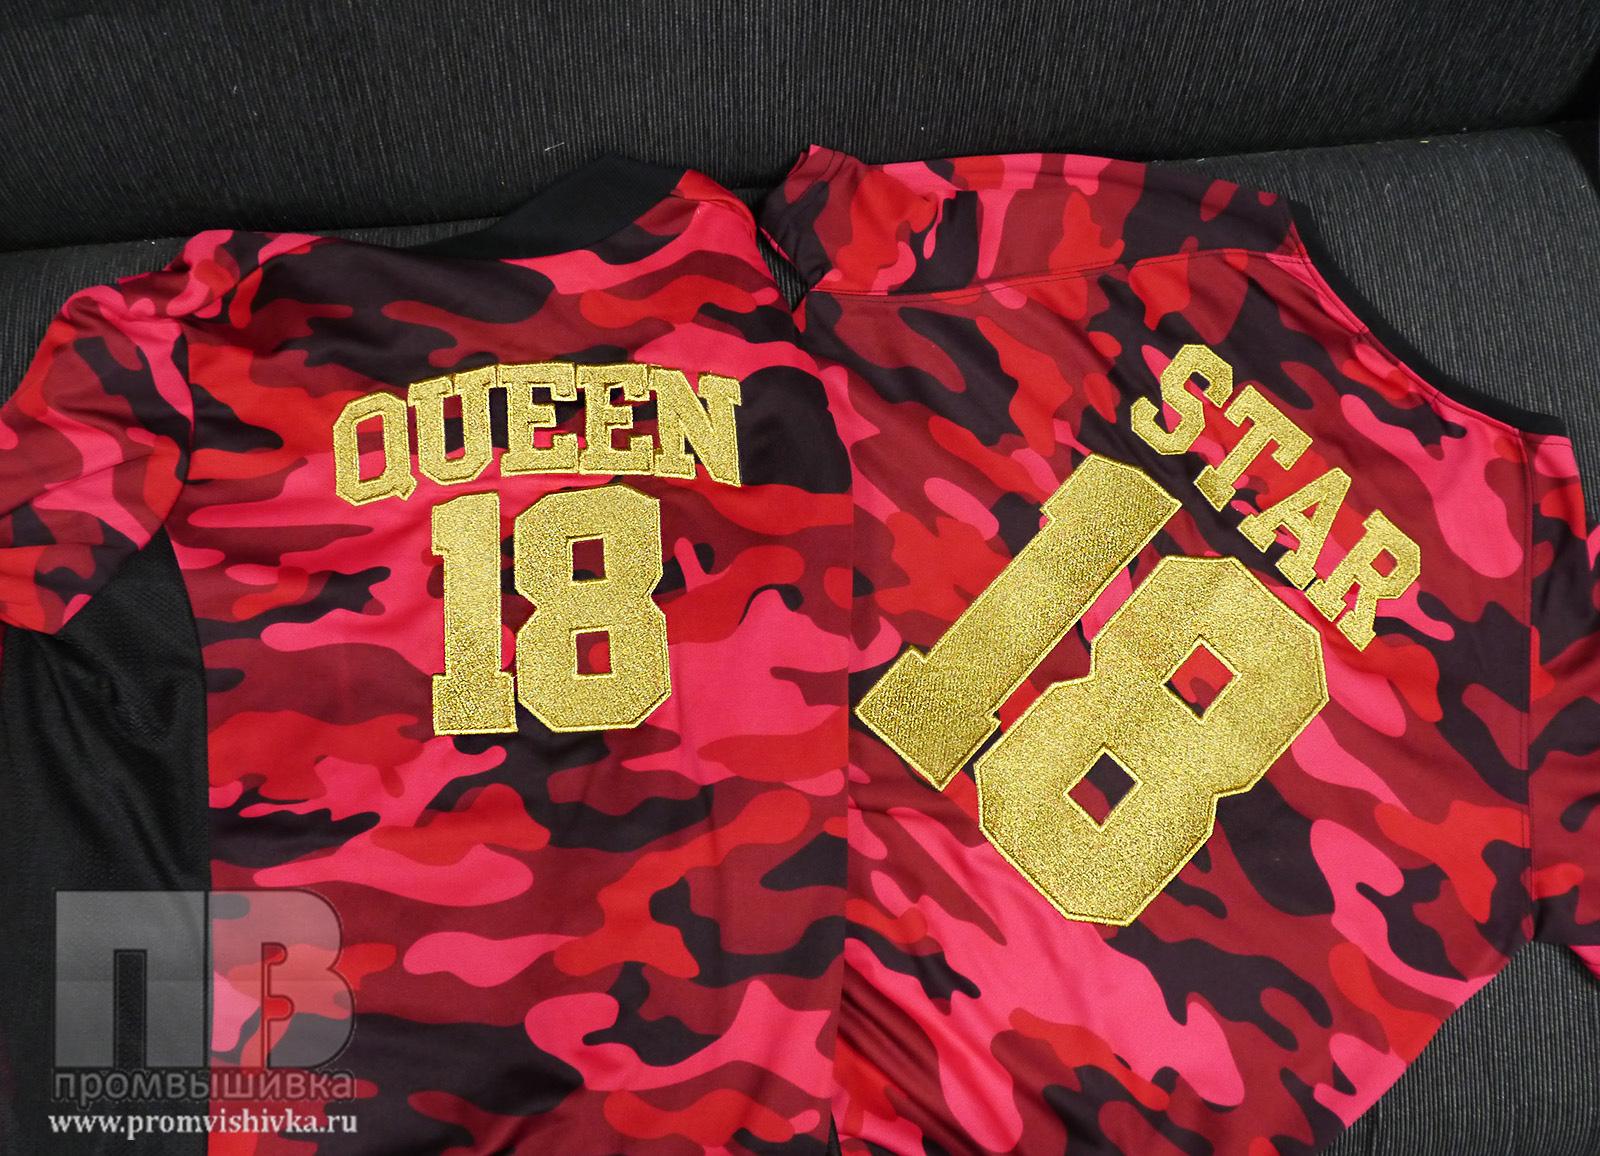 Футболки с именами на заказ. Купить именные футболки 0bf764a20ceb0